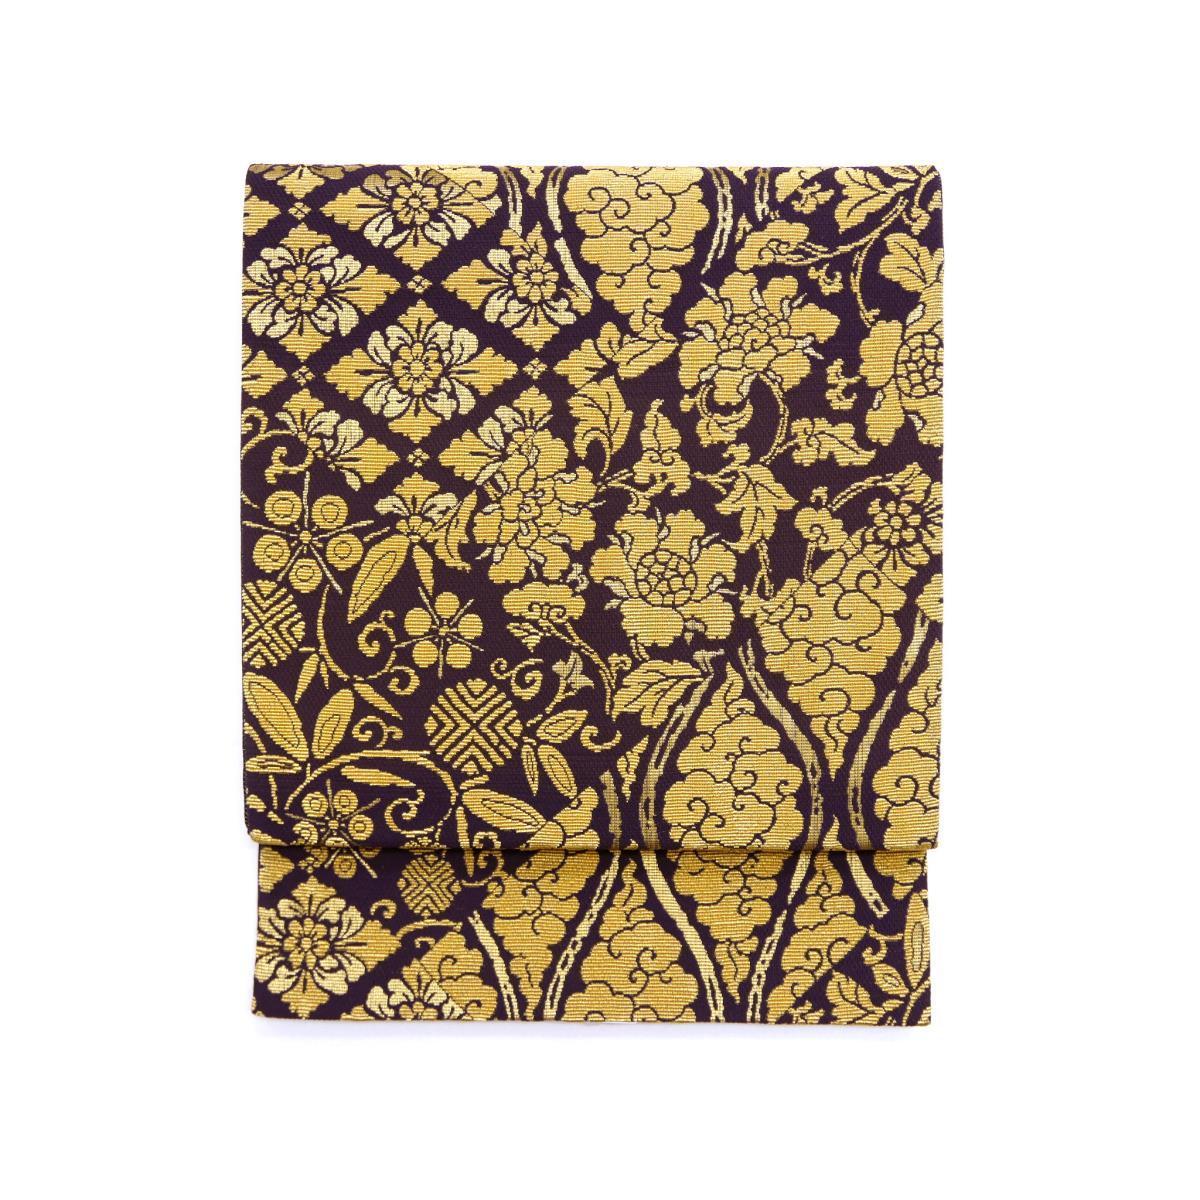 袋帯 金崋山織